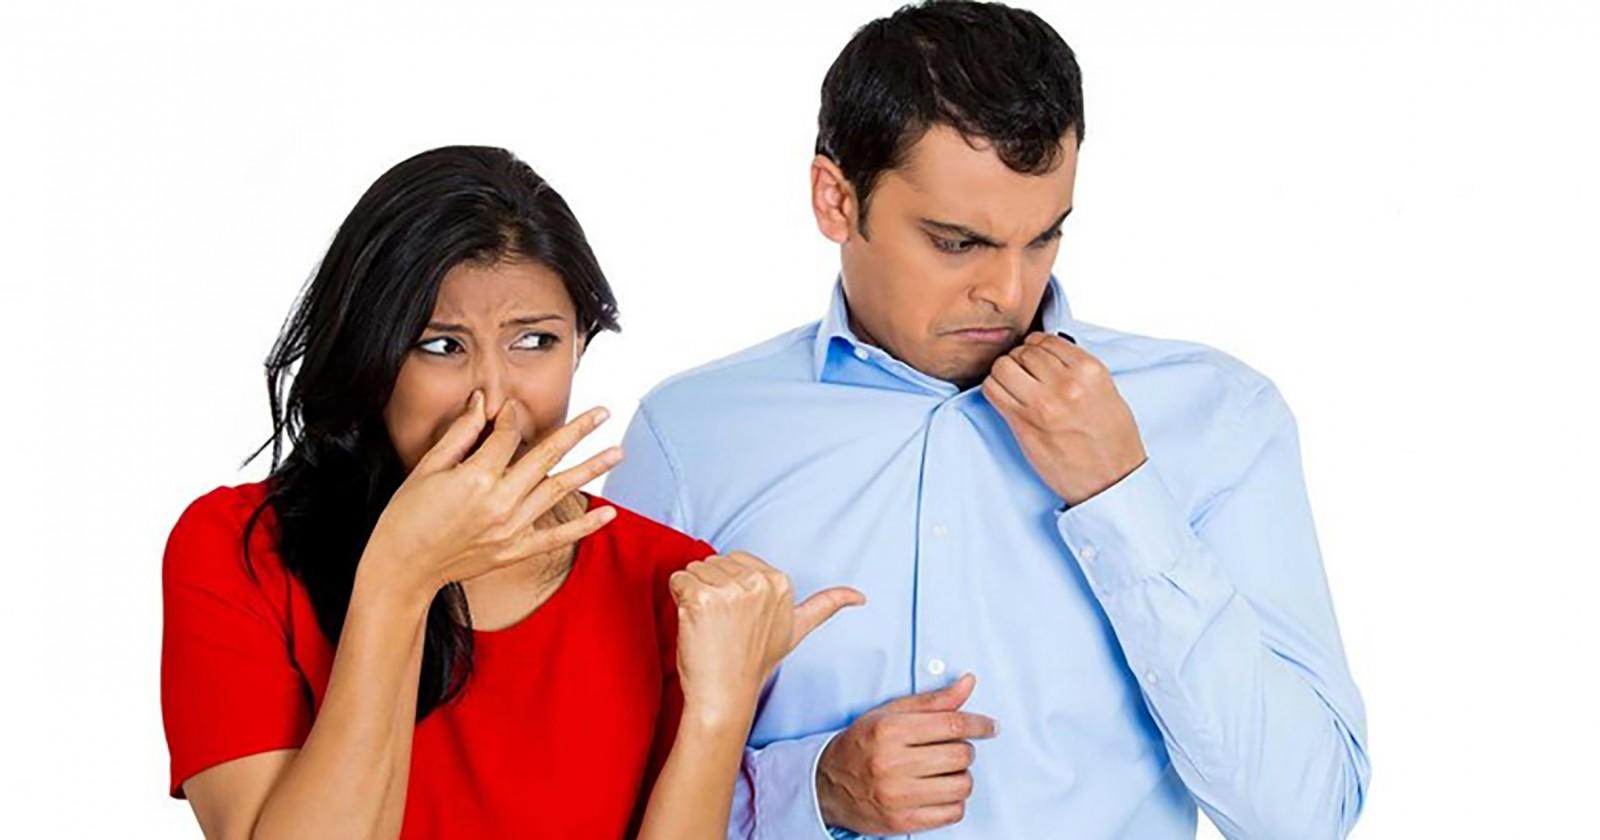 Tại sao cơ thể có mùi? Kinh nghiệm bạn cần biết